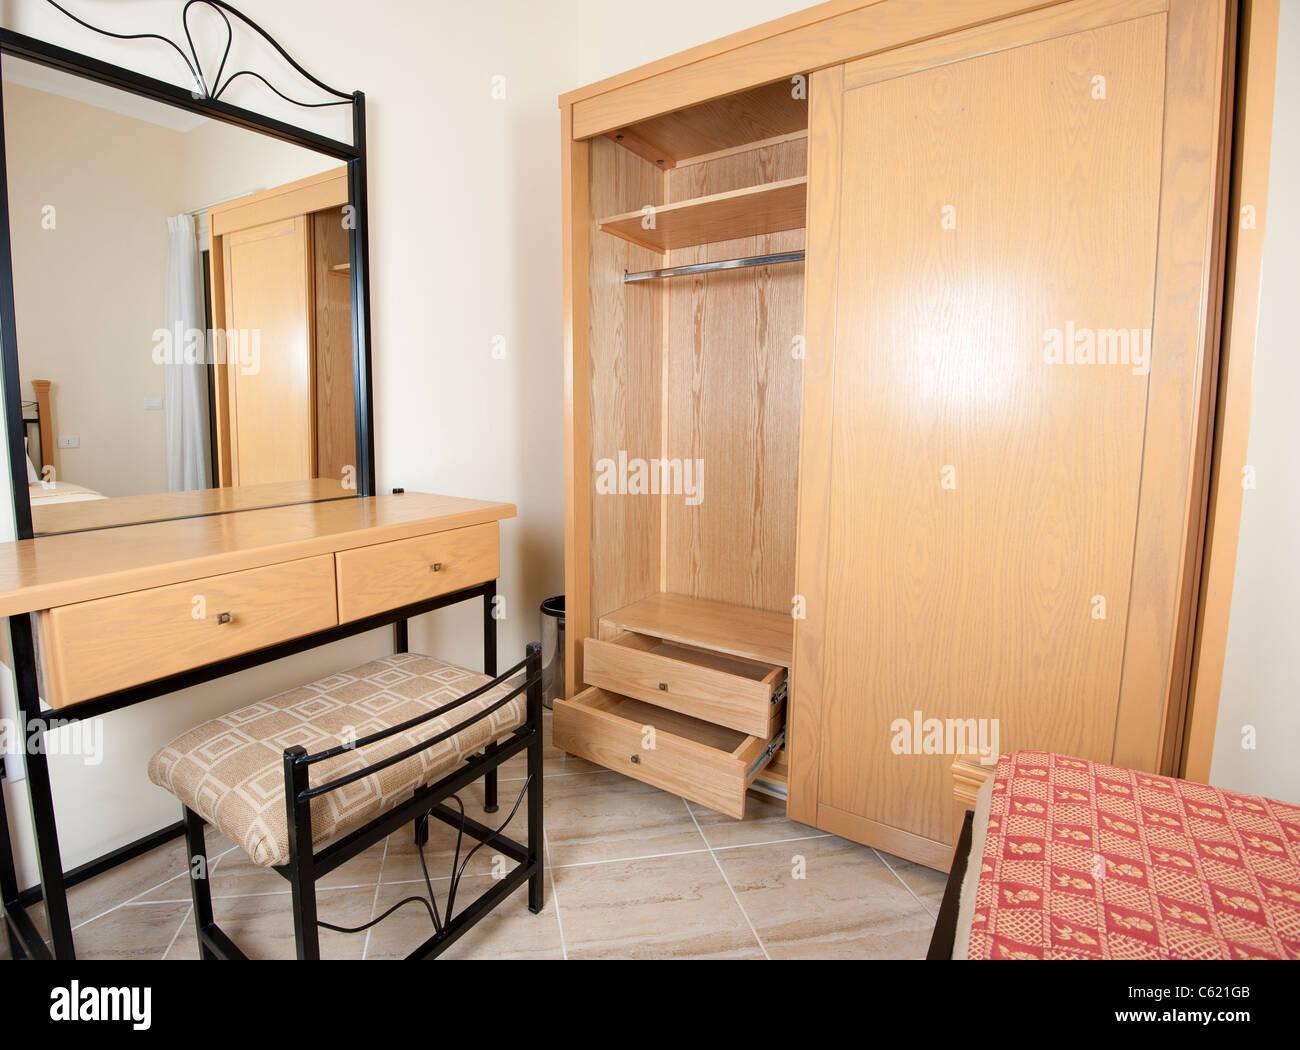 Interior design schminktisch mit spiegel und garderobe in einem schlafzimmer stockfoto bild - Schlafzimmer mit schminktisch ...